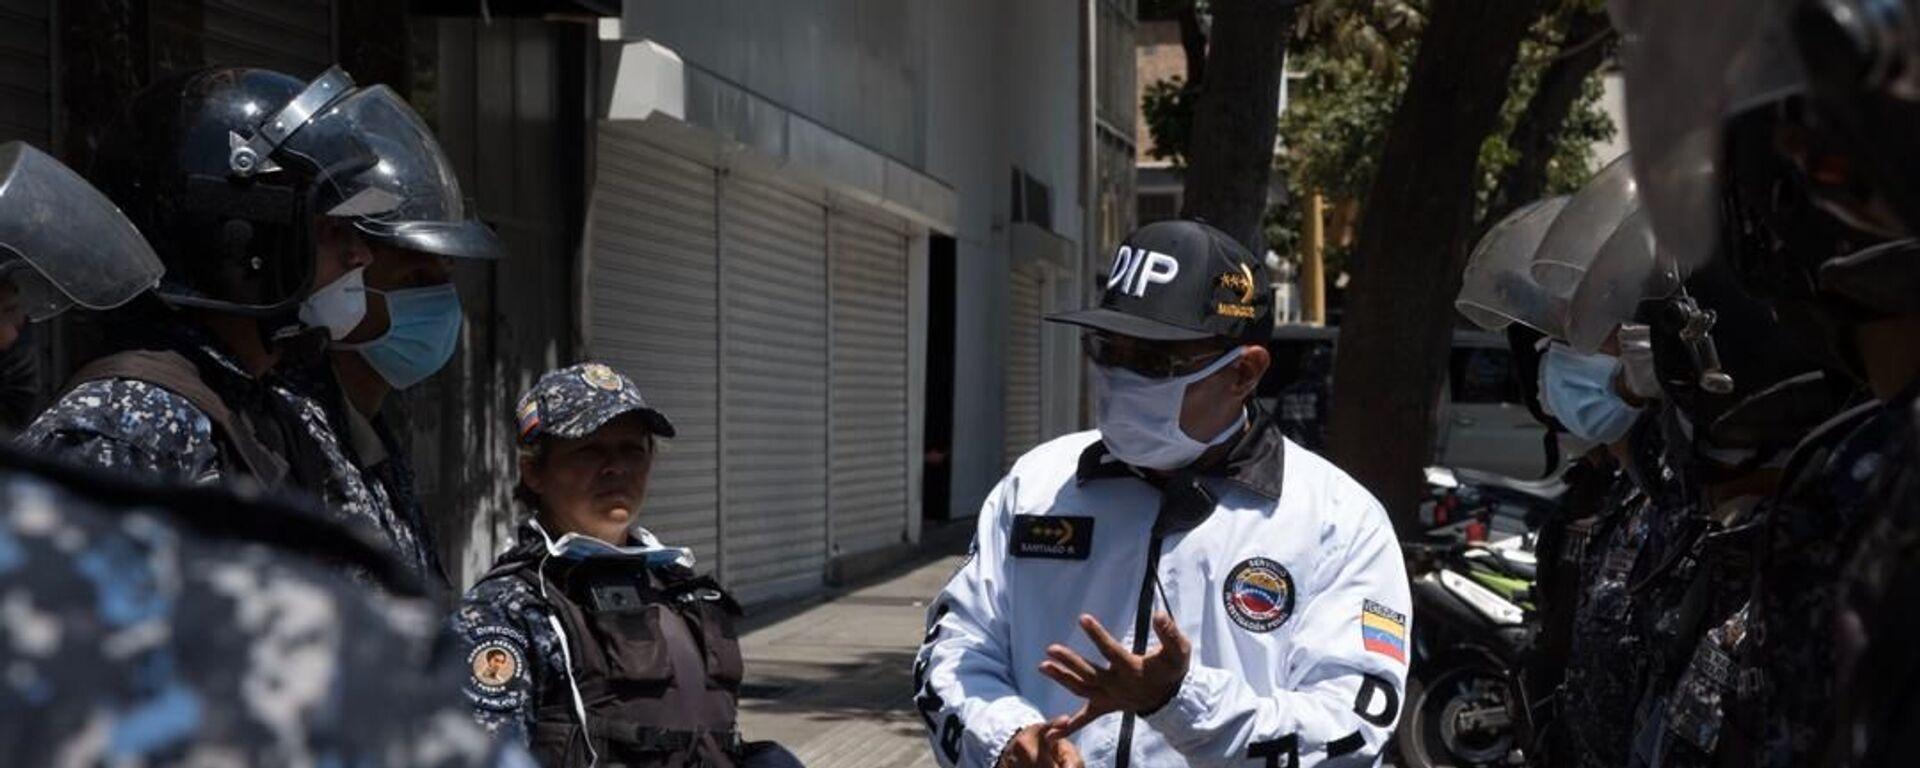 Cuerpos de seguridad en Venezuela (archivo) - Sputnik Mundo, 1920, 12.06.2021